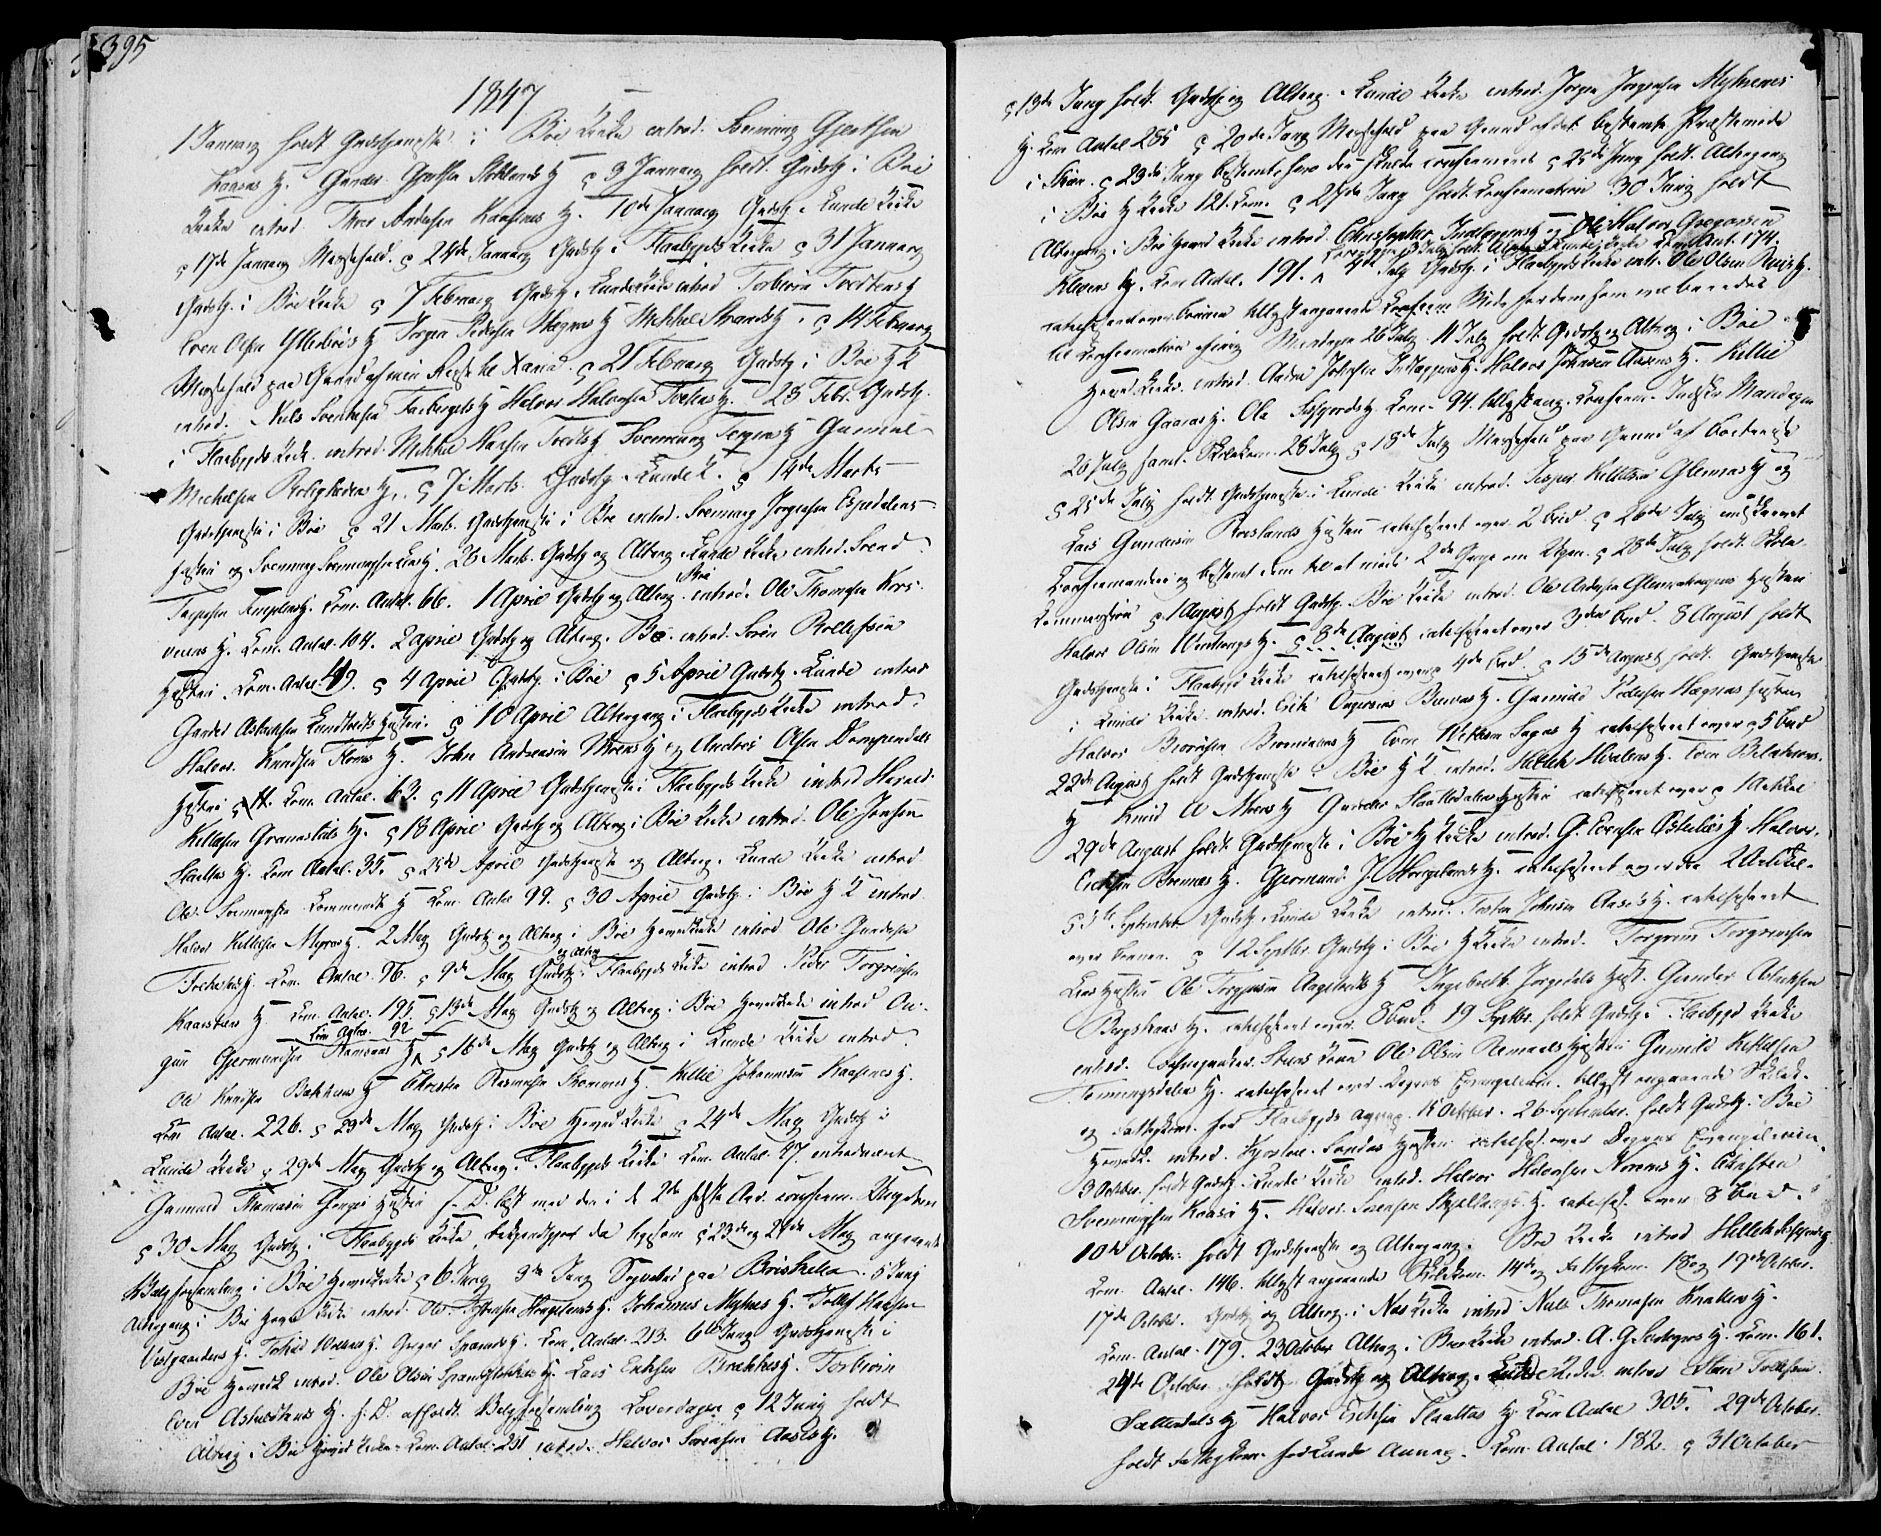 SAKO, Bø kirkebøker, F/Fa/L0007: Ministerialbok nr. 7, 1831-1848, s. 395